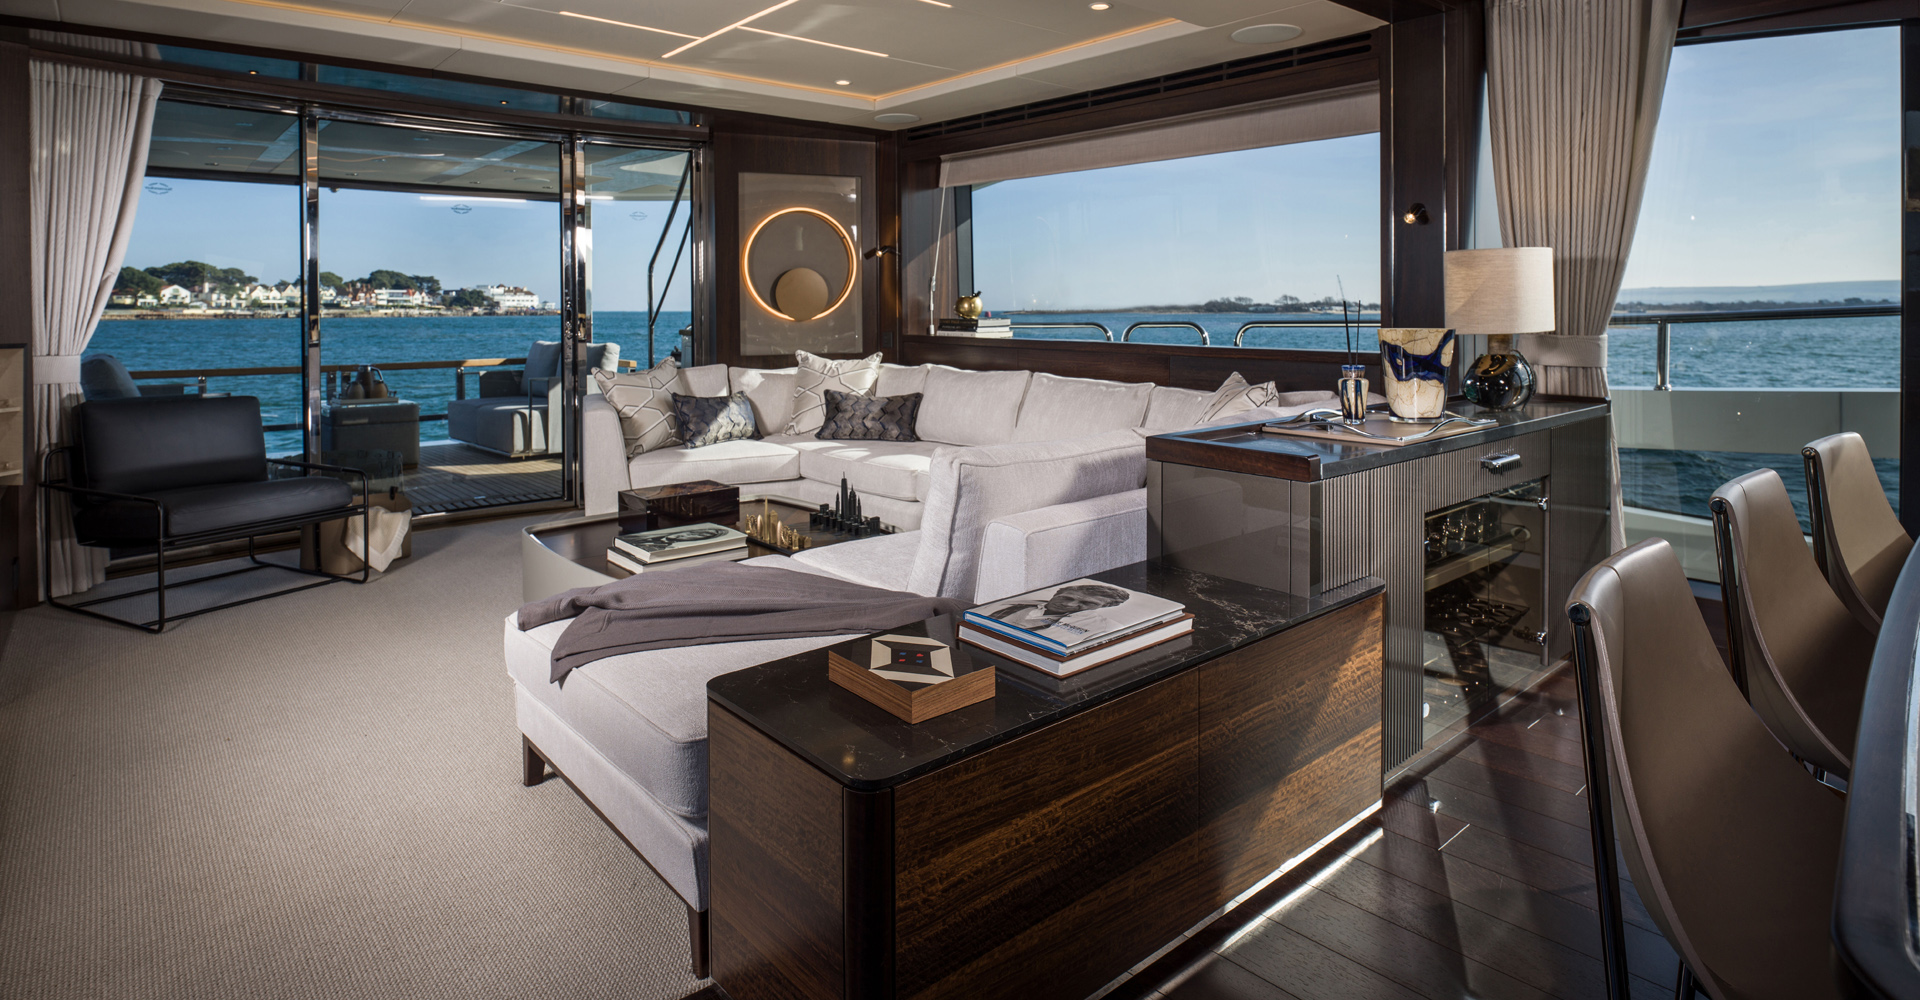 Sunseeker 88 motor yacht saloon interior design